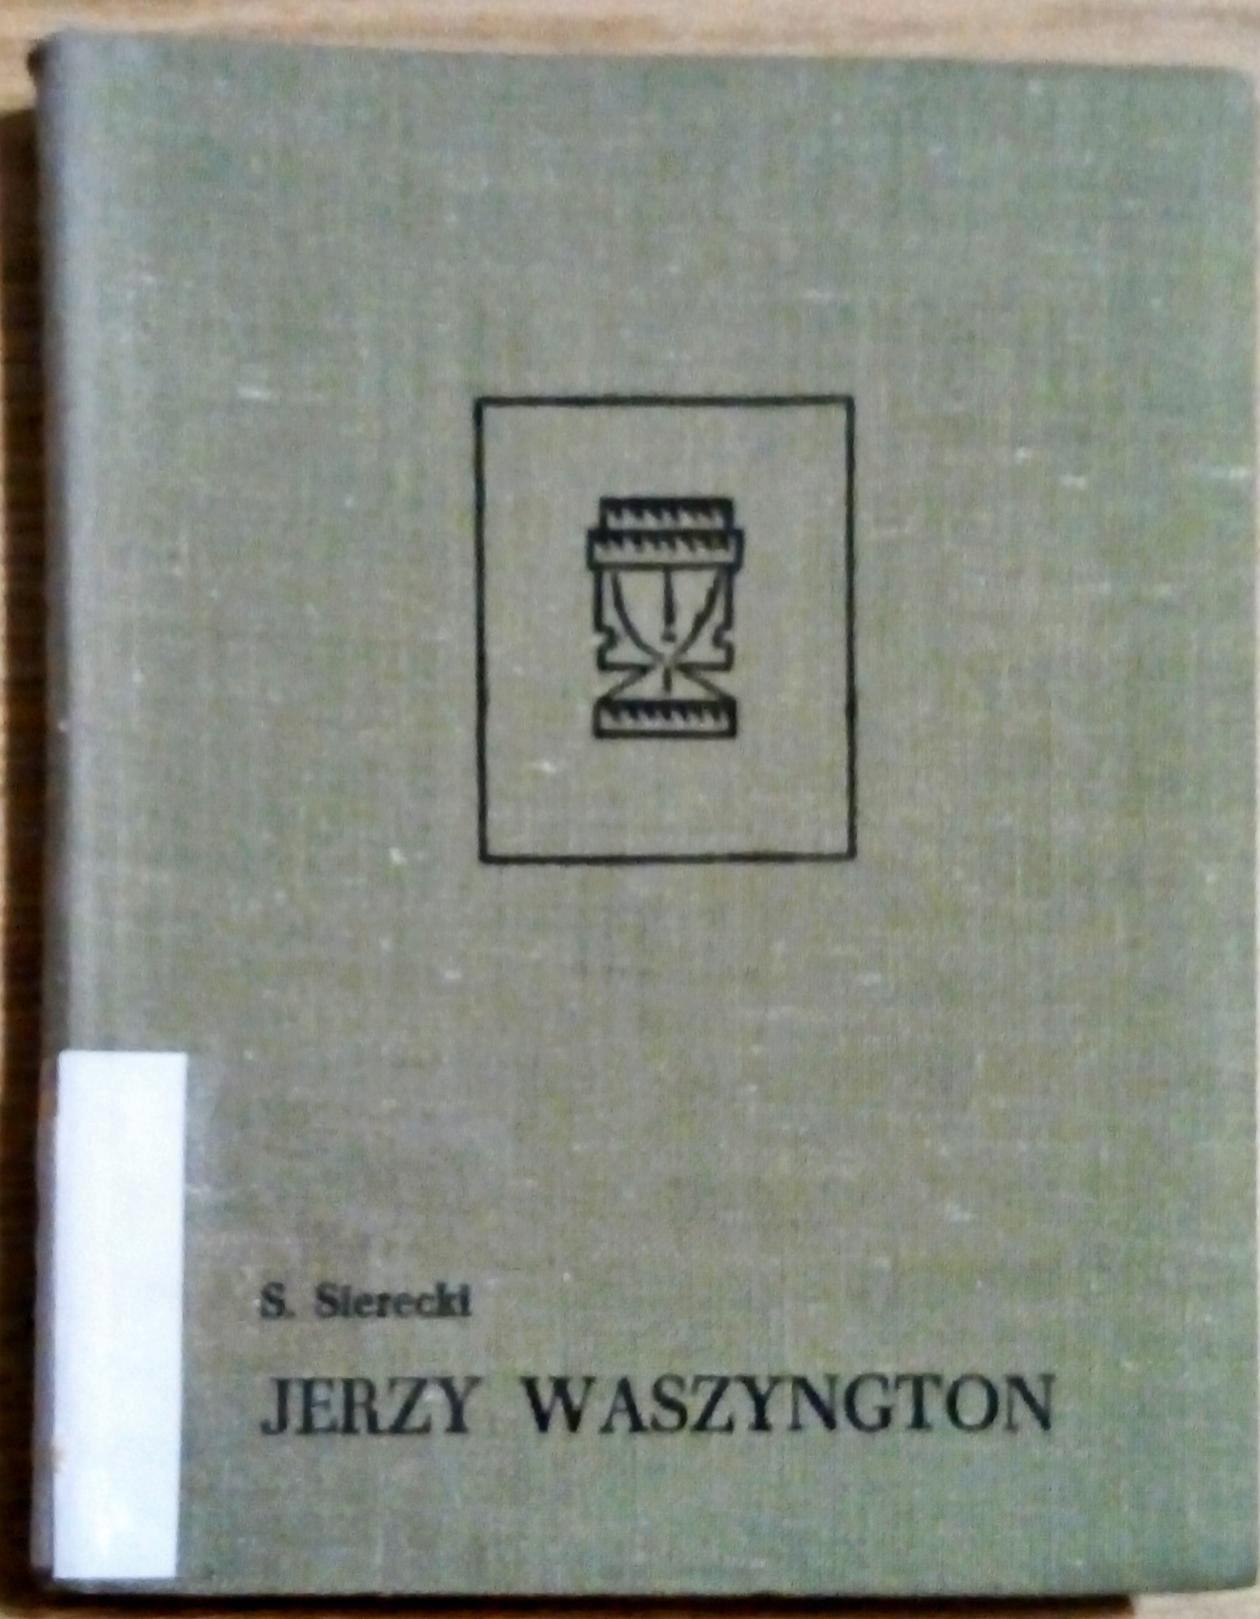 Jerzy Waszyngton Sierecki